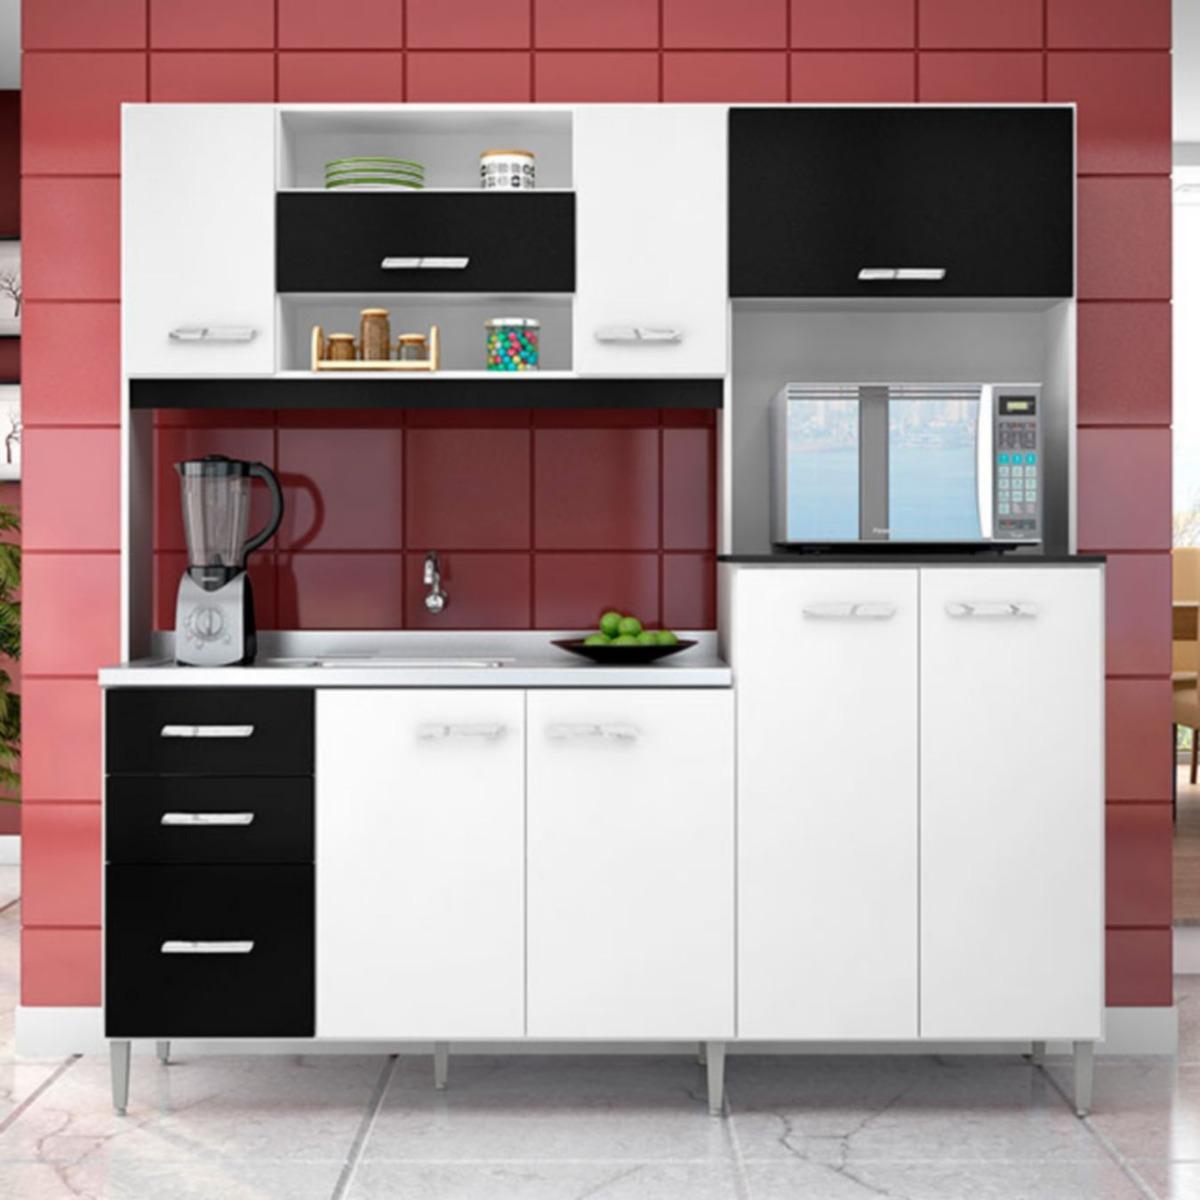 Muebles 2020 Cocina Integral 1.77 Metros Mirela Blanco/ - $ 1.795 ...